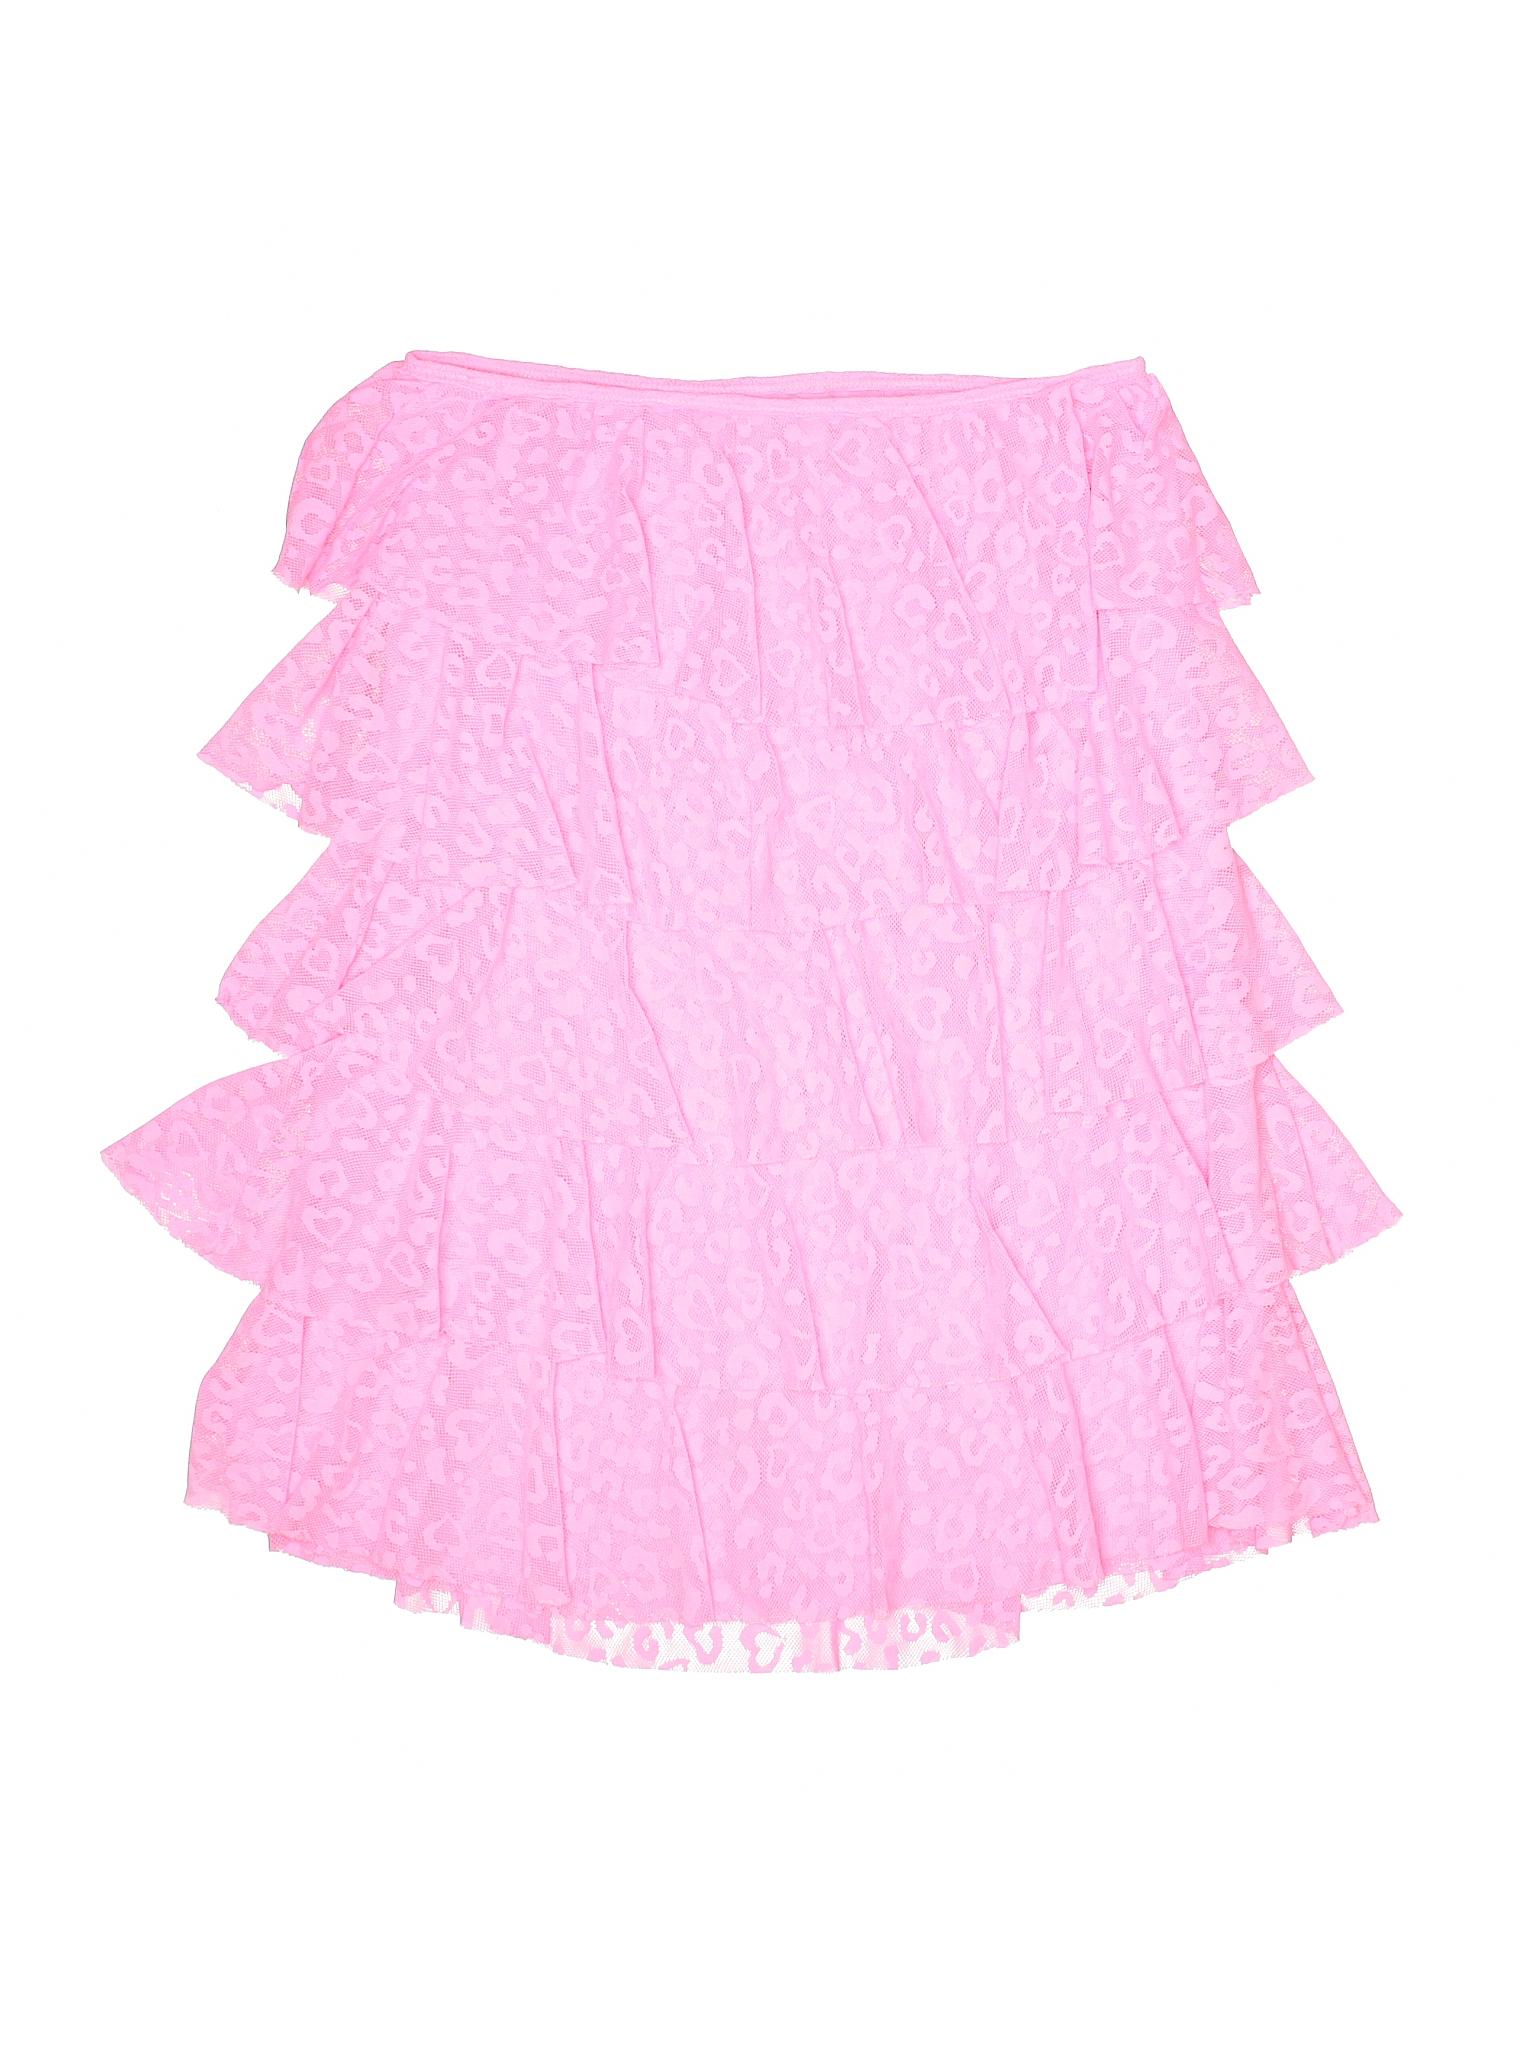 Secret Up Swimsuit Victoria's Boutique Cover f0xR7wv60